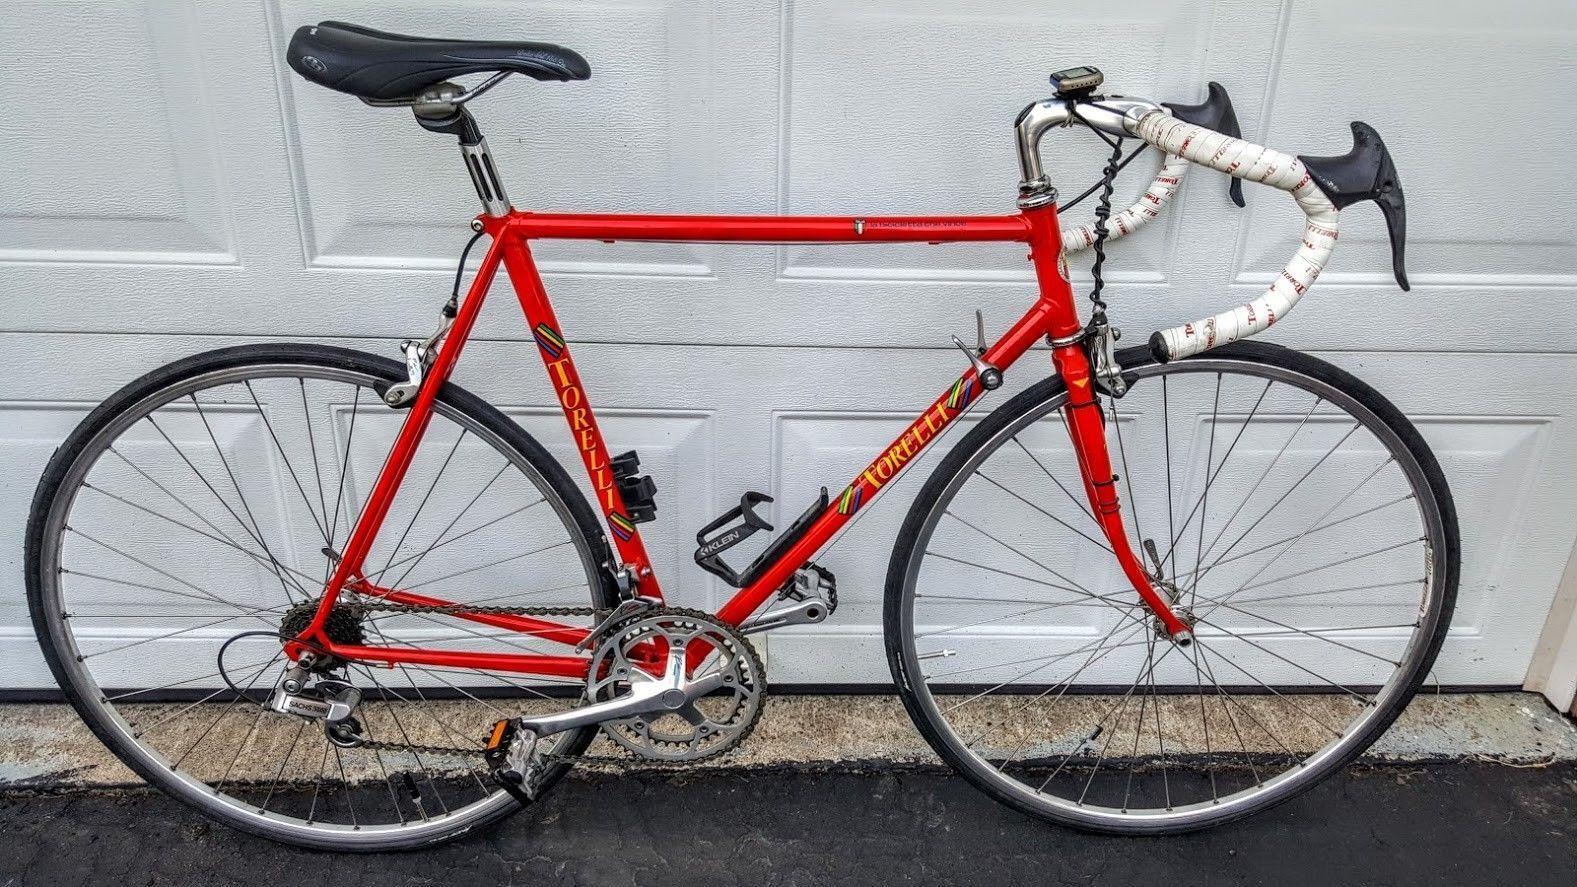 TORELLI la bicicletta che vince BICYCLE ITALIAN NICE PREOWNED